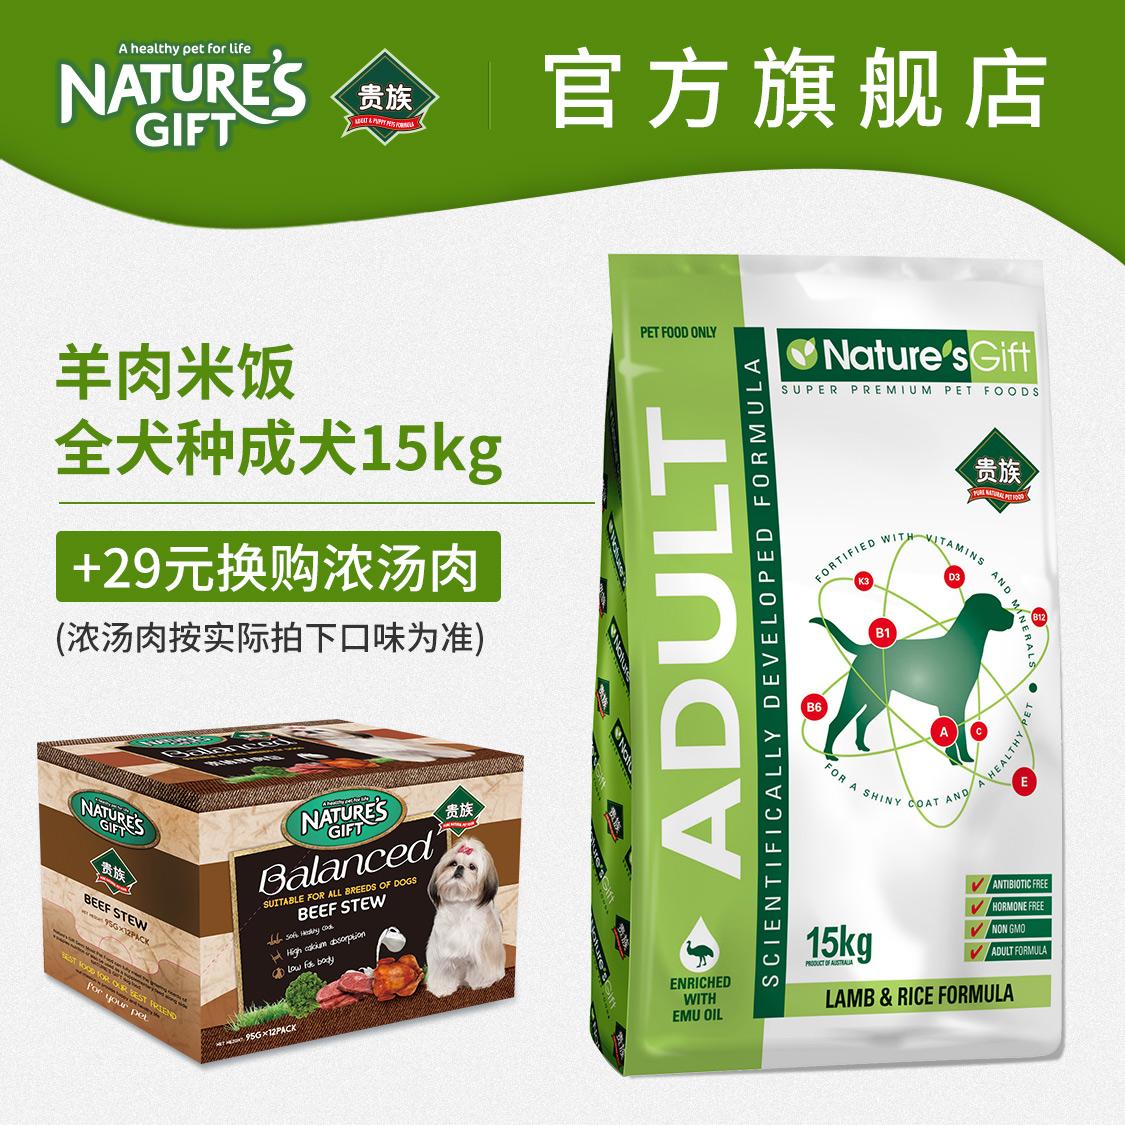 澳洲配方贵族狗粮 泰迪法斗萨摩耶成犬羊肉米饭味15kg 通用型狗粮